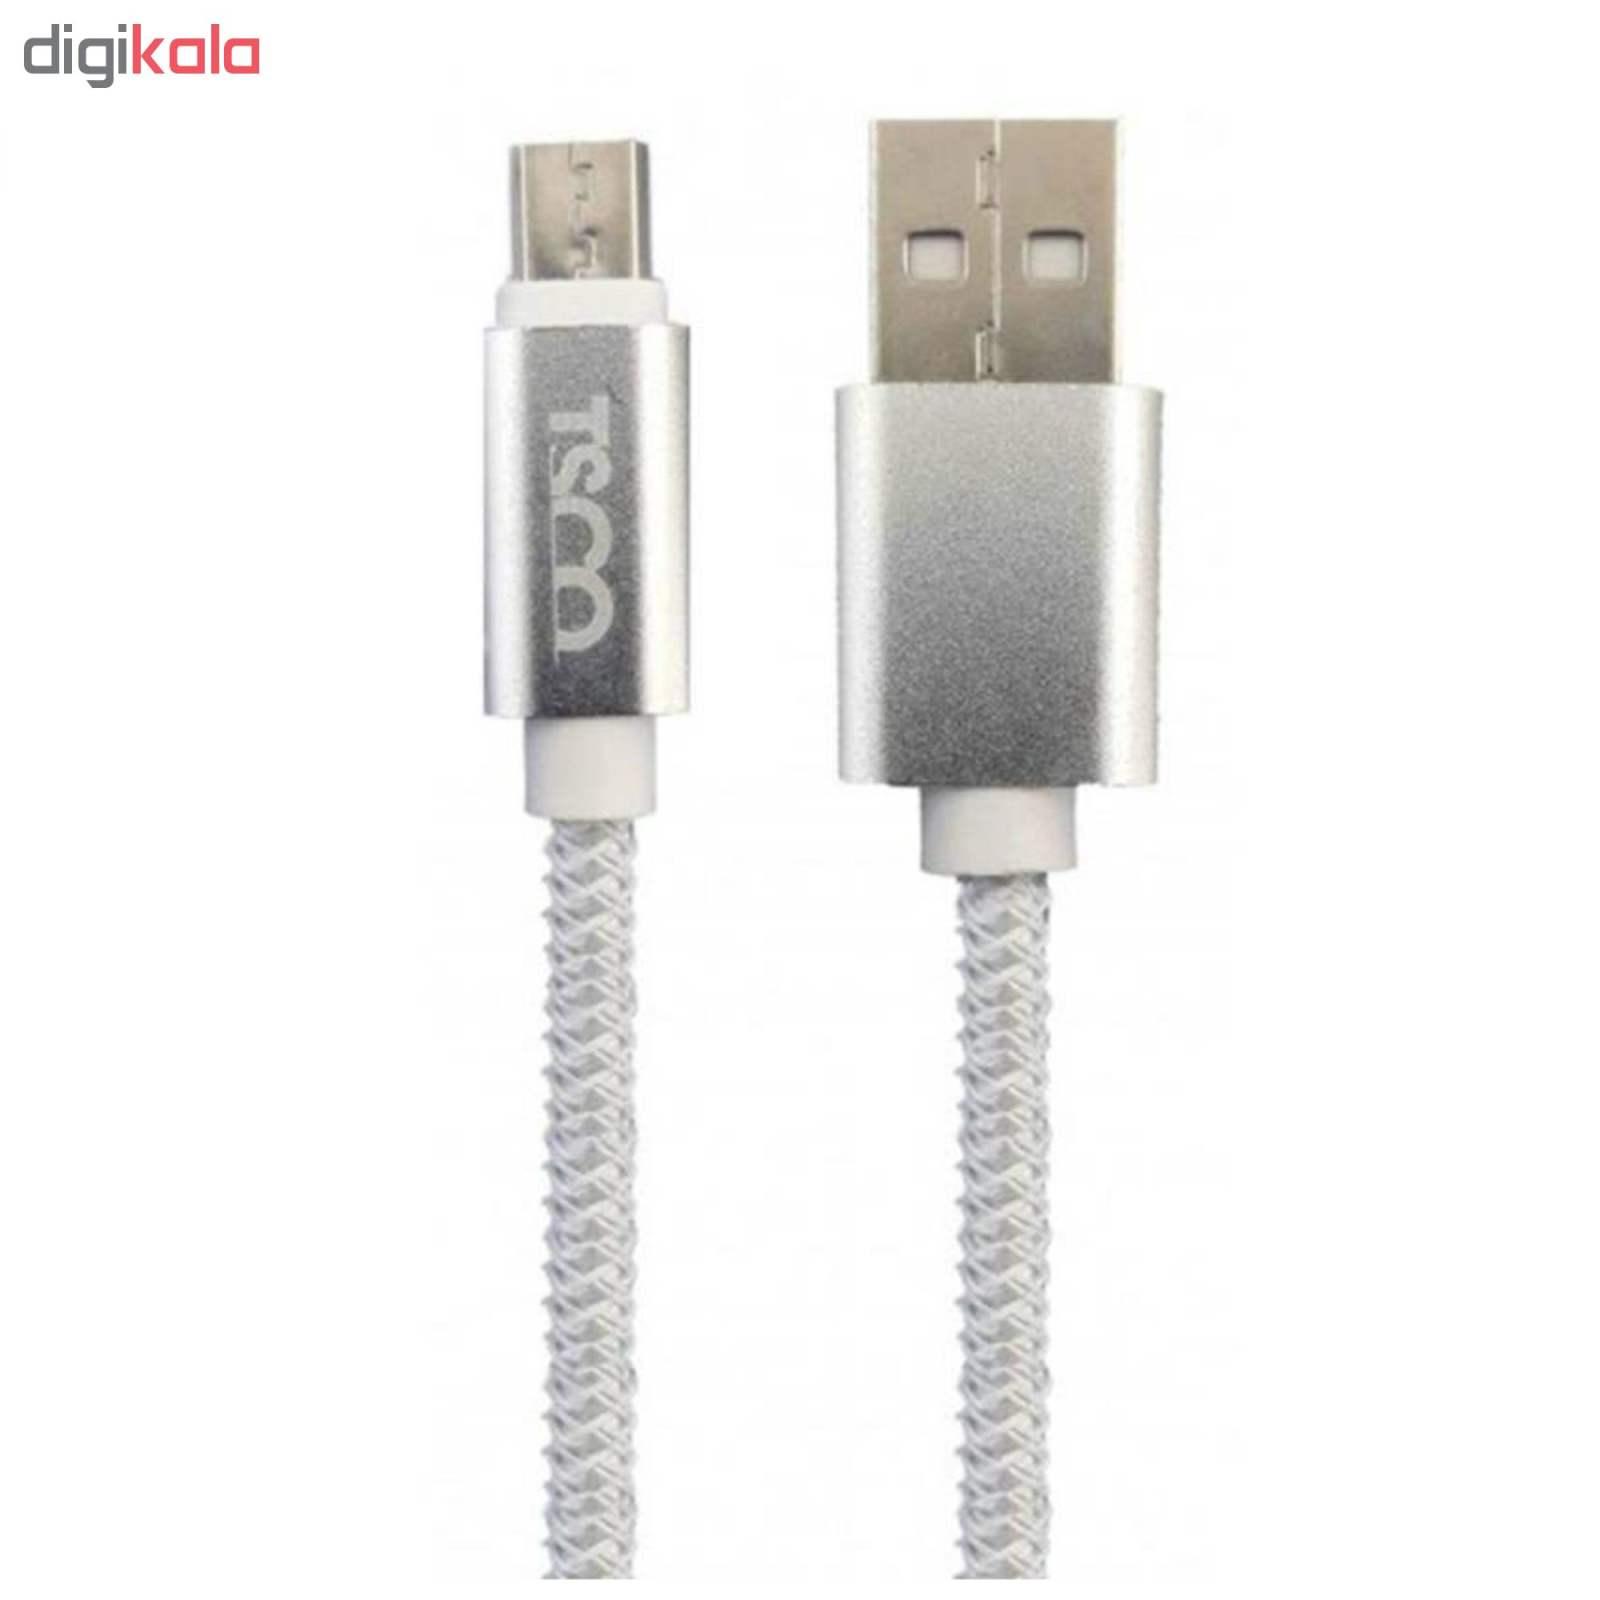 کابل تبدیل USB به microUSB تسکو مدل TC 51N طول 0.2 متر  TSCO TC 51N USB to microUSB Cable 0.2 m